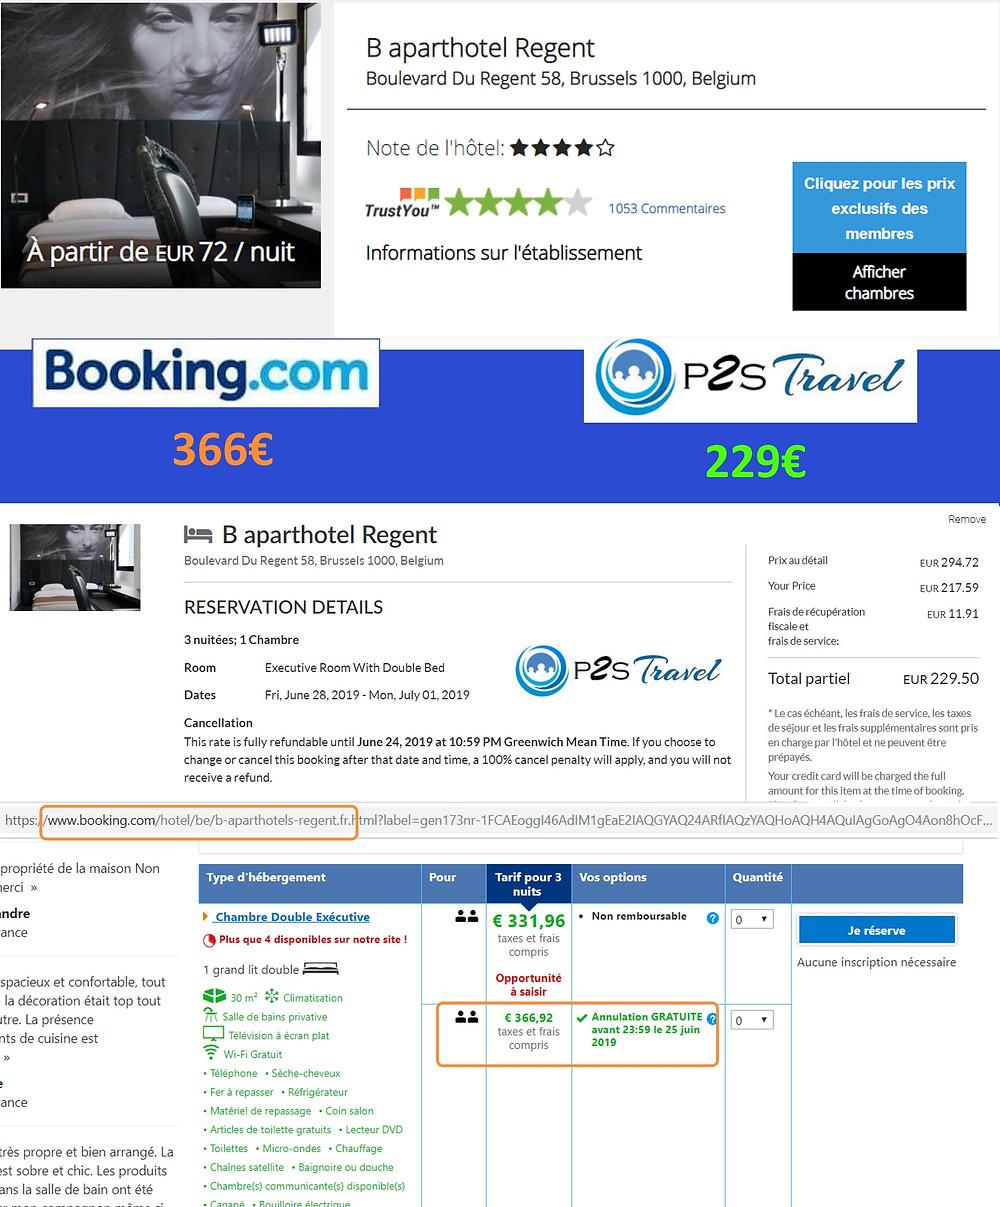 Hôtel B Aparthotel Regent à Bruxelles / Belgique - 1 chambre 3 nuits 2 adultes Tarif sur Booking 366€ - même chose sur P2S Travel 229€ soit 137€ d'économies en réservant sur le site réservation P2S Travel